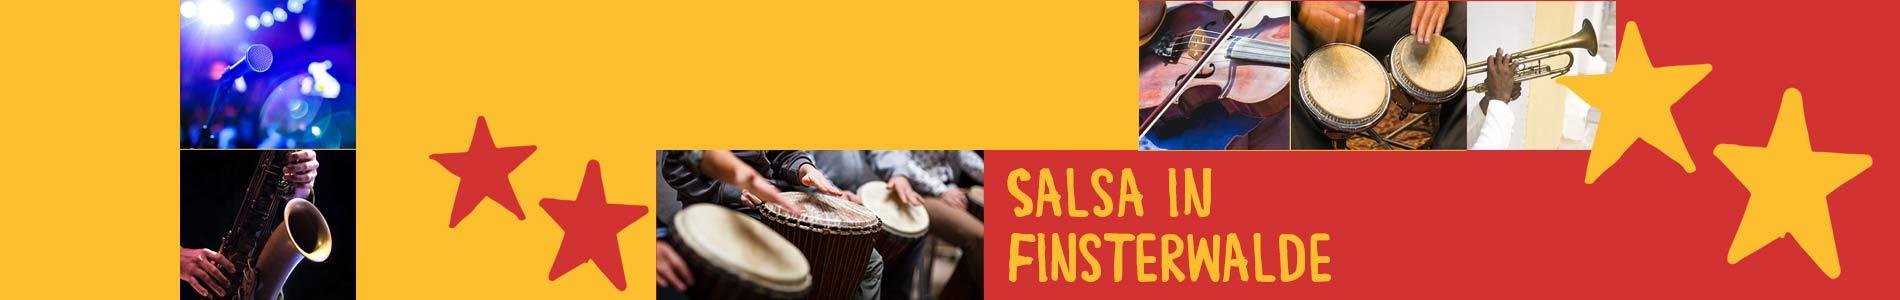 Salsa in Finsterwalde – Salsa lernen und tanzen, Tanzkurse, Partys, Veranstaltungen